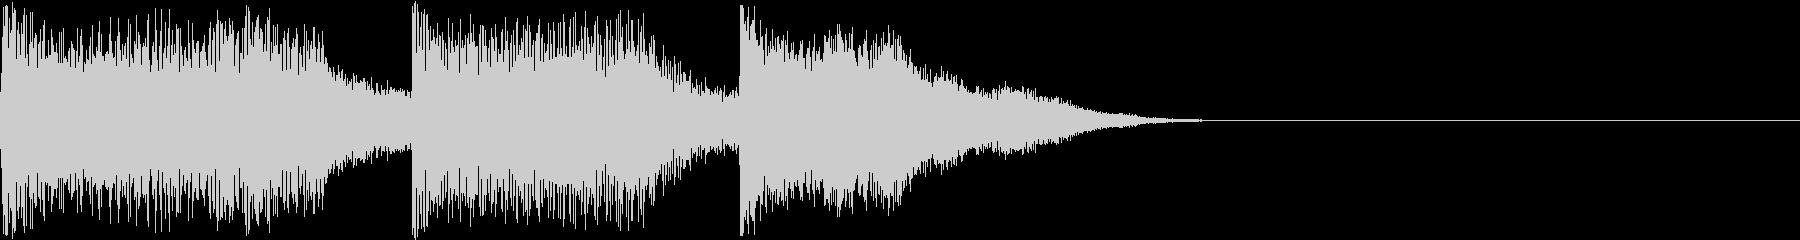 AI メカ/ロボ/マシン動作音 24の未再生の波形